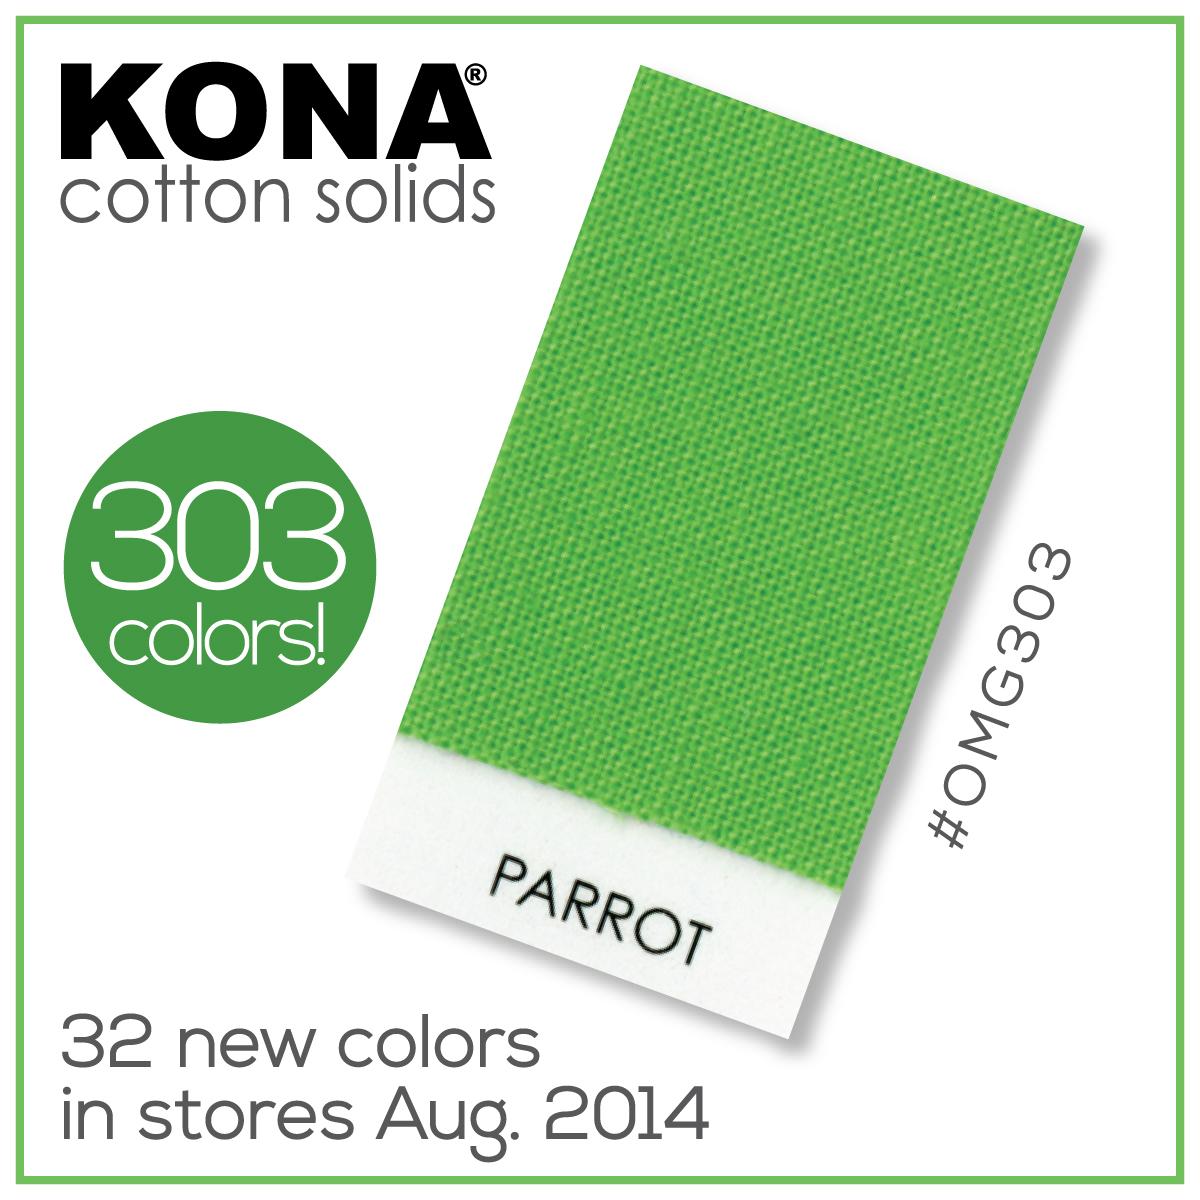 Kona-Parrot.jpg